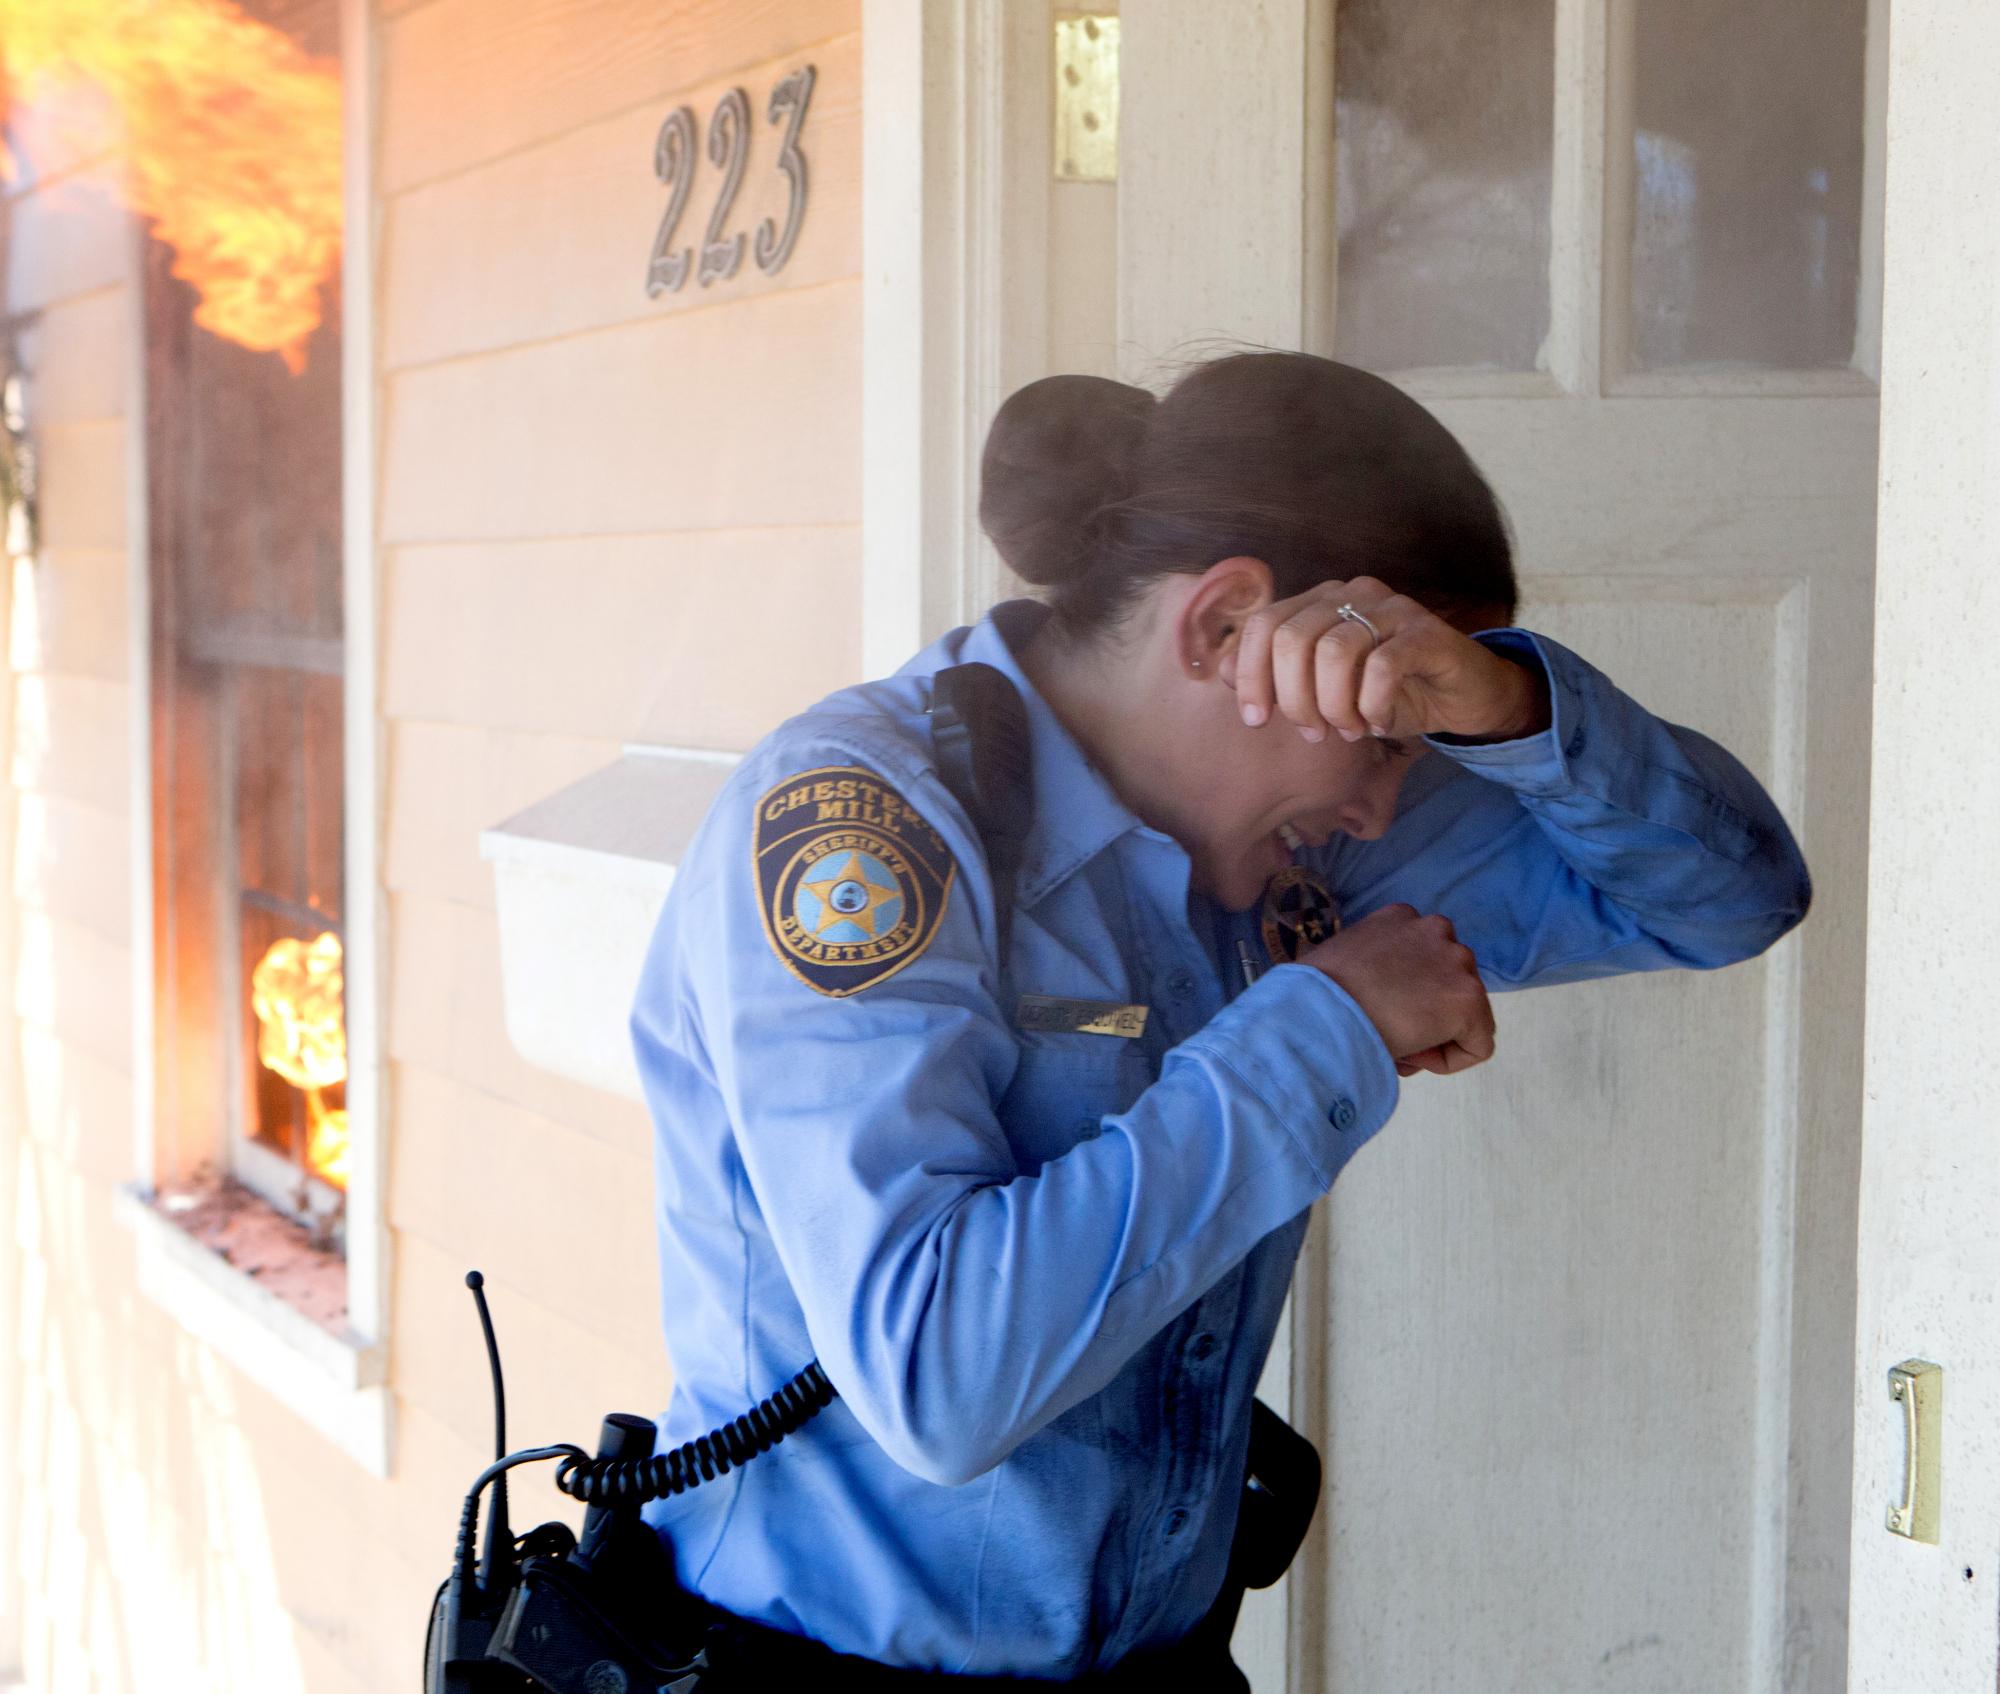 Battling Smoke and Heat